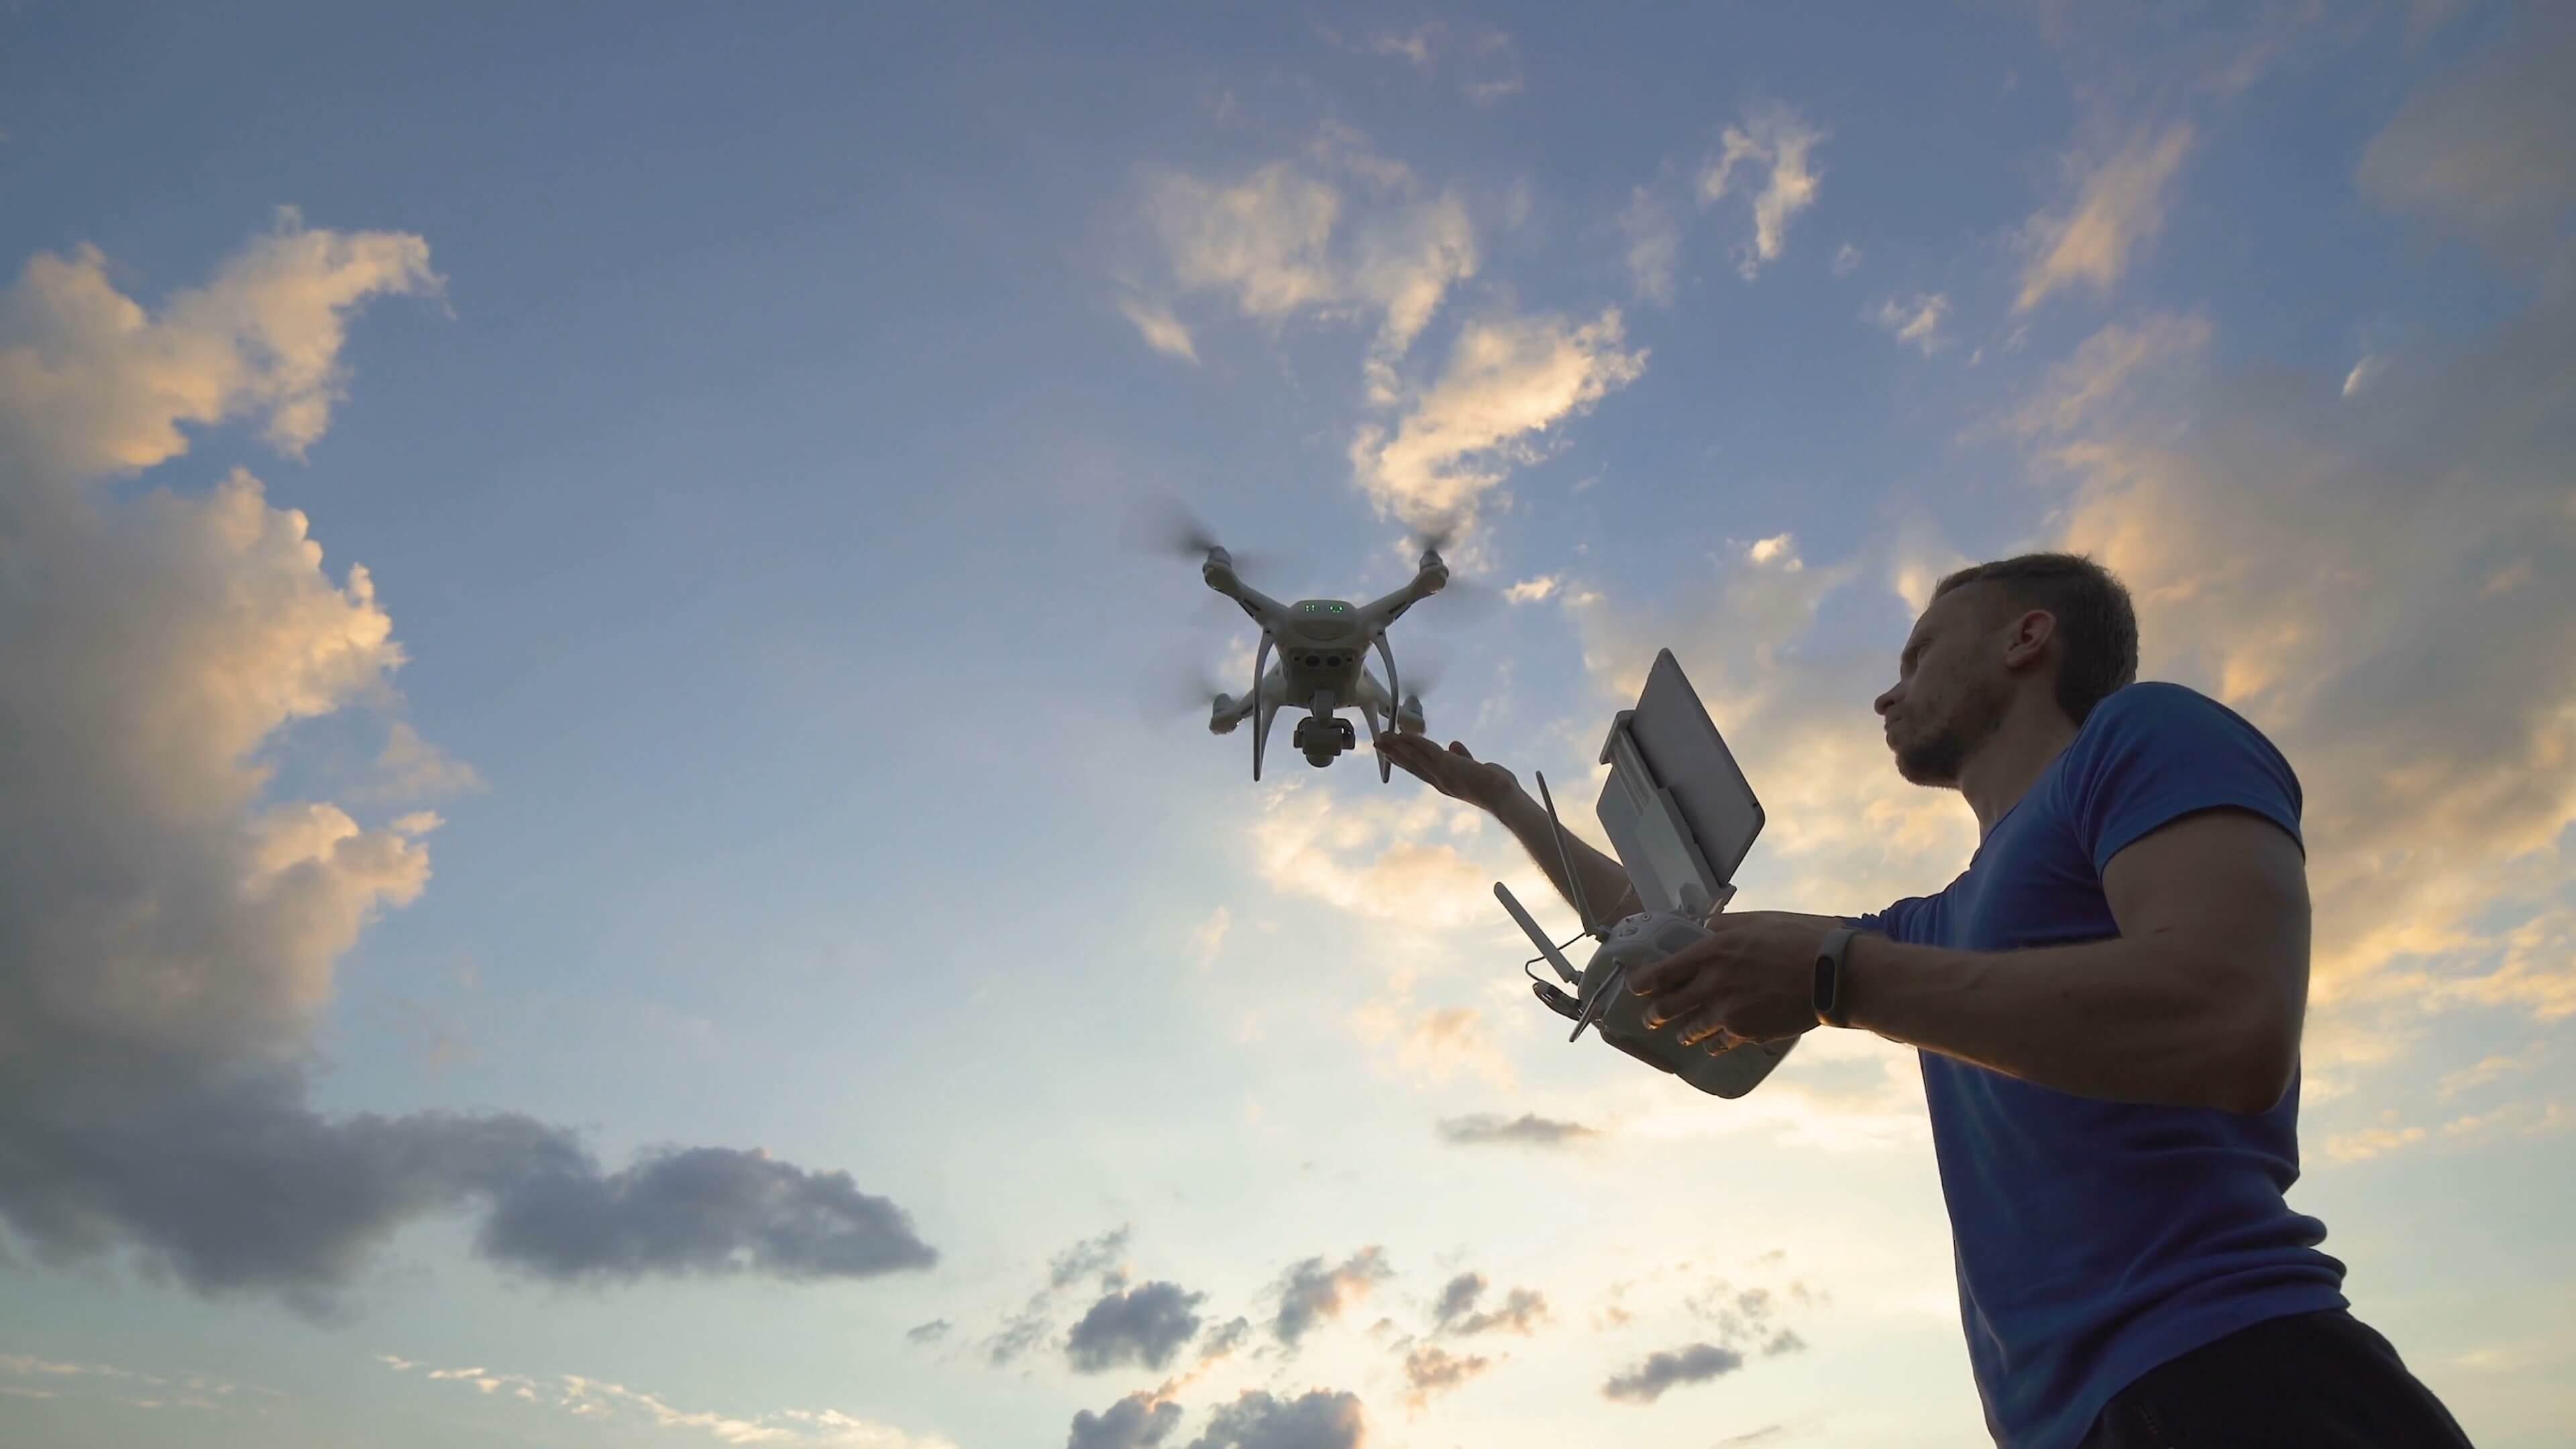 drone21 3840x2160 - Havadan Drone Fotoğraf ve Video Çekimi